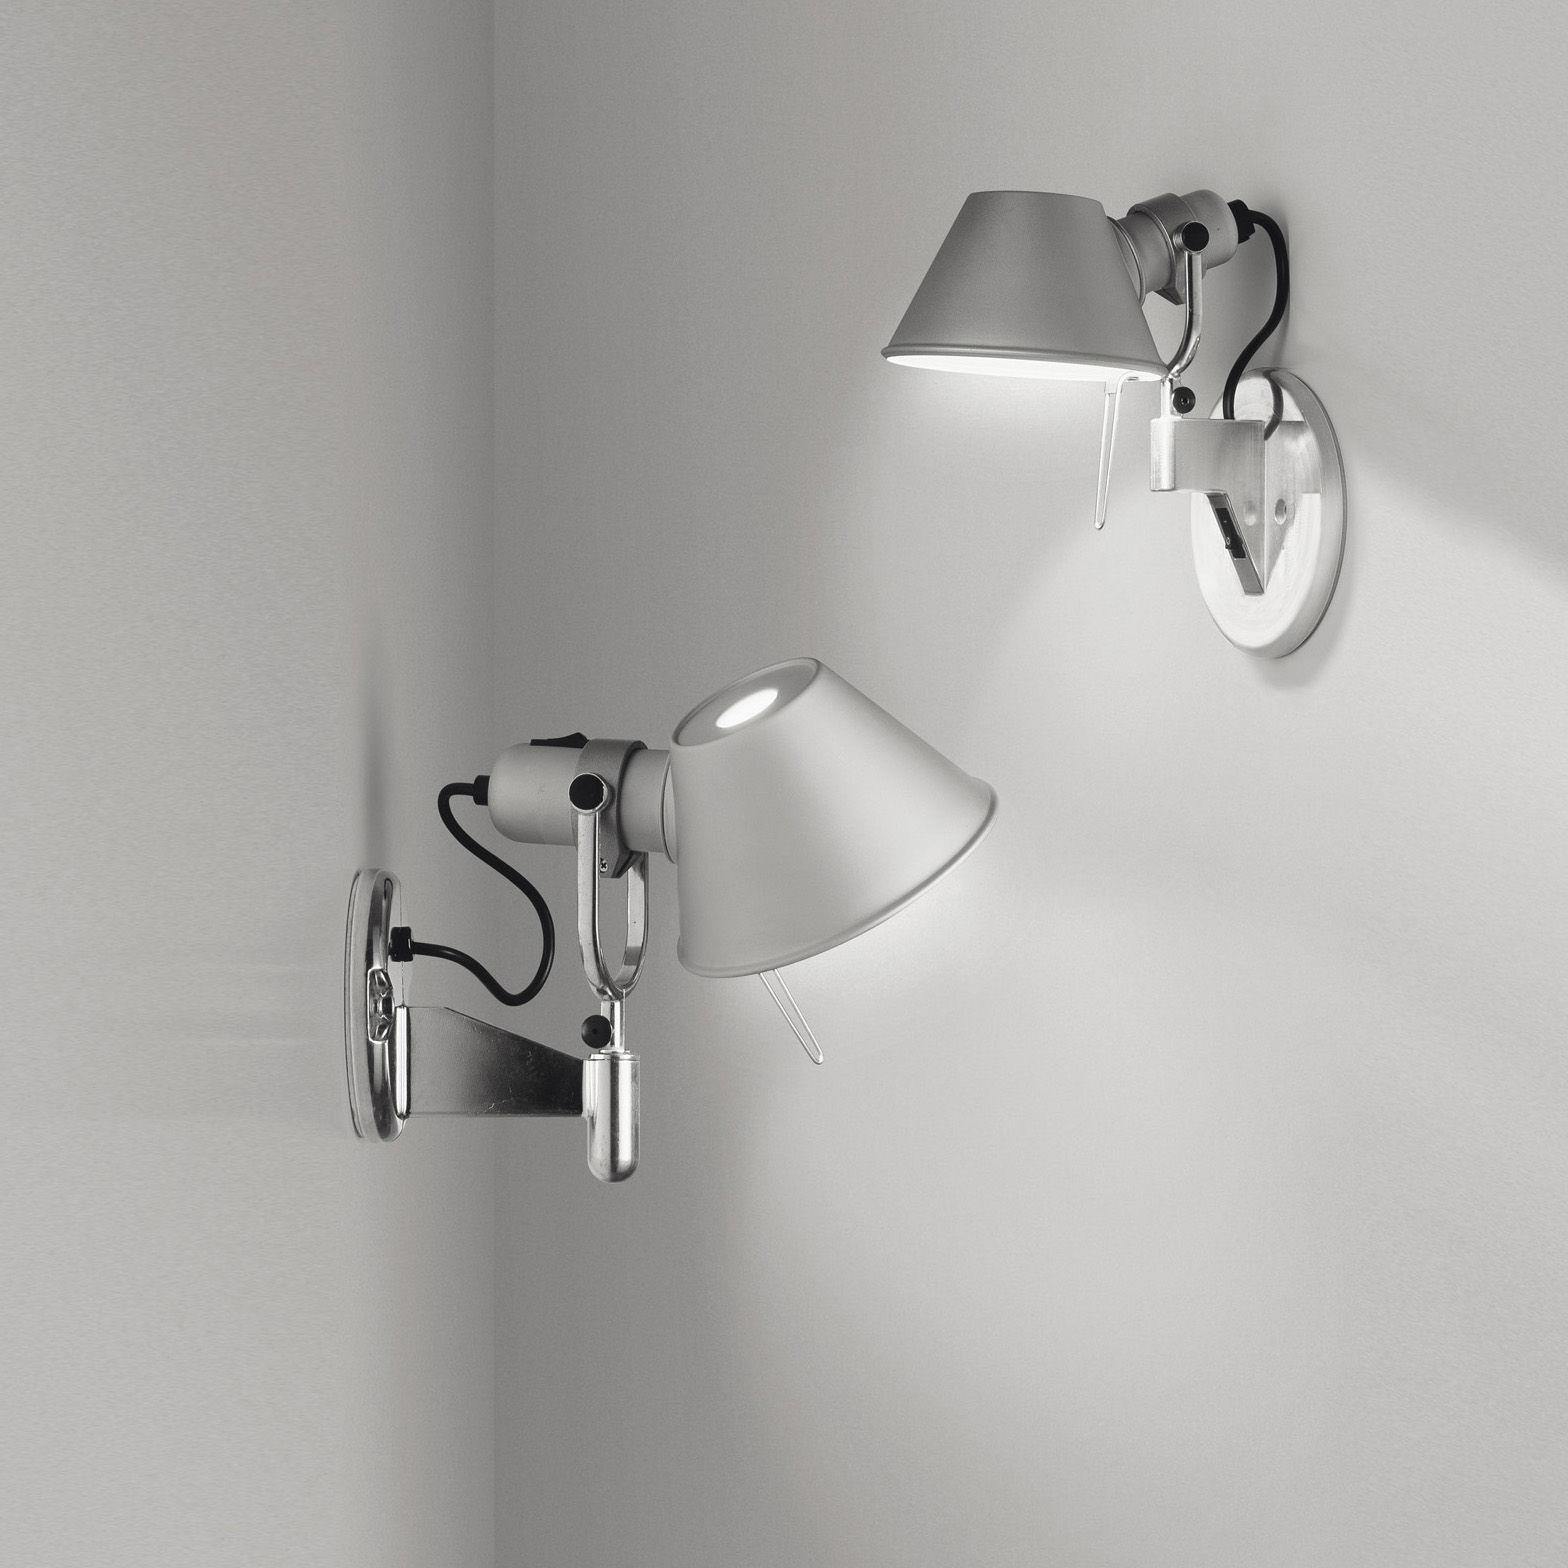 Tolomeo micro faretto applique led h 20 cm led - Lampade da parete artemide ...